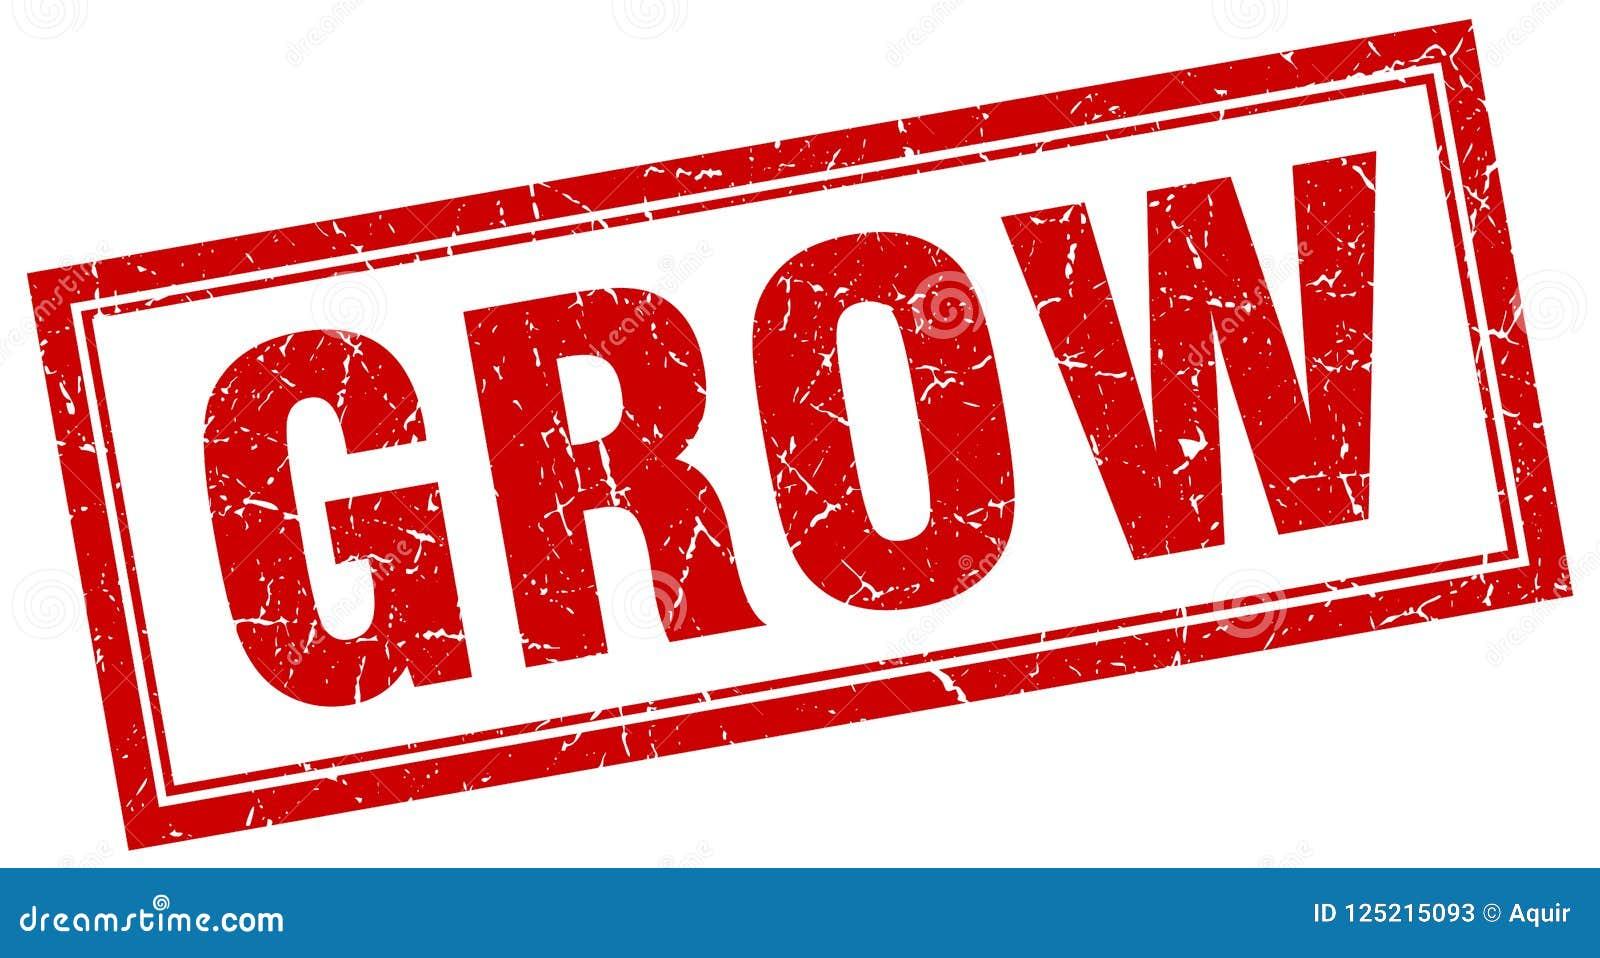 grow stamp